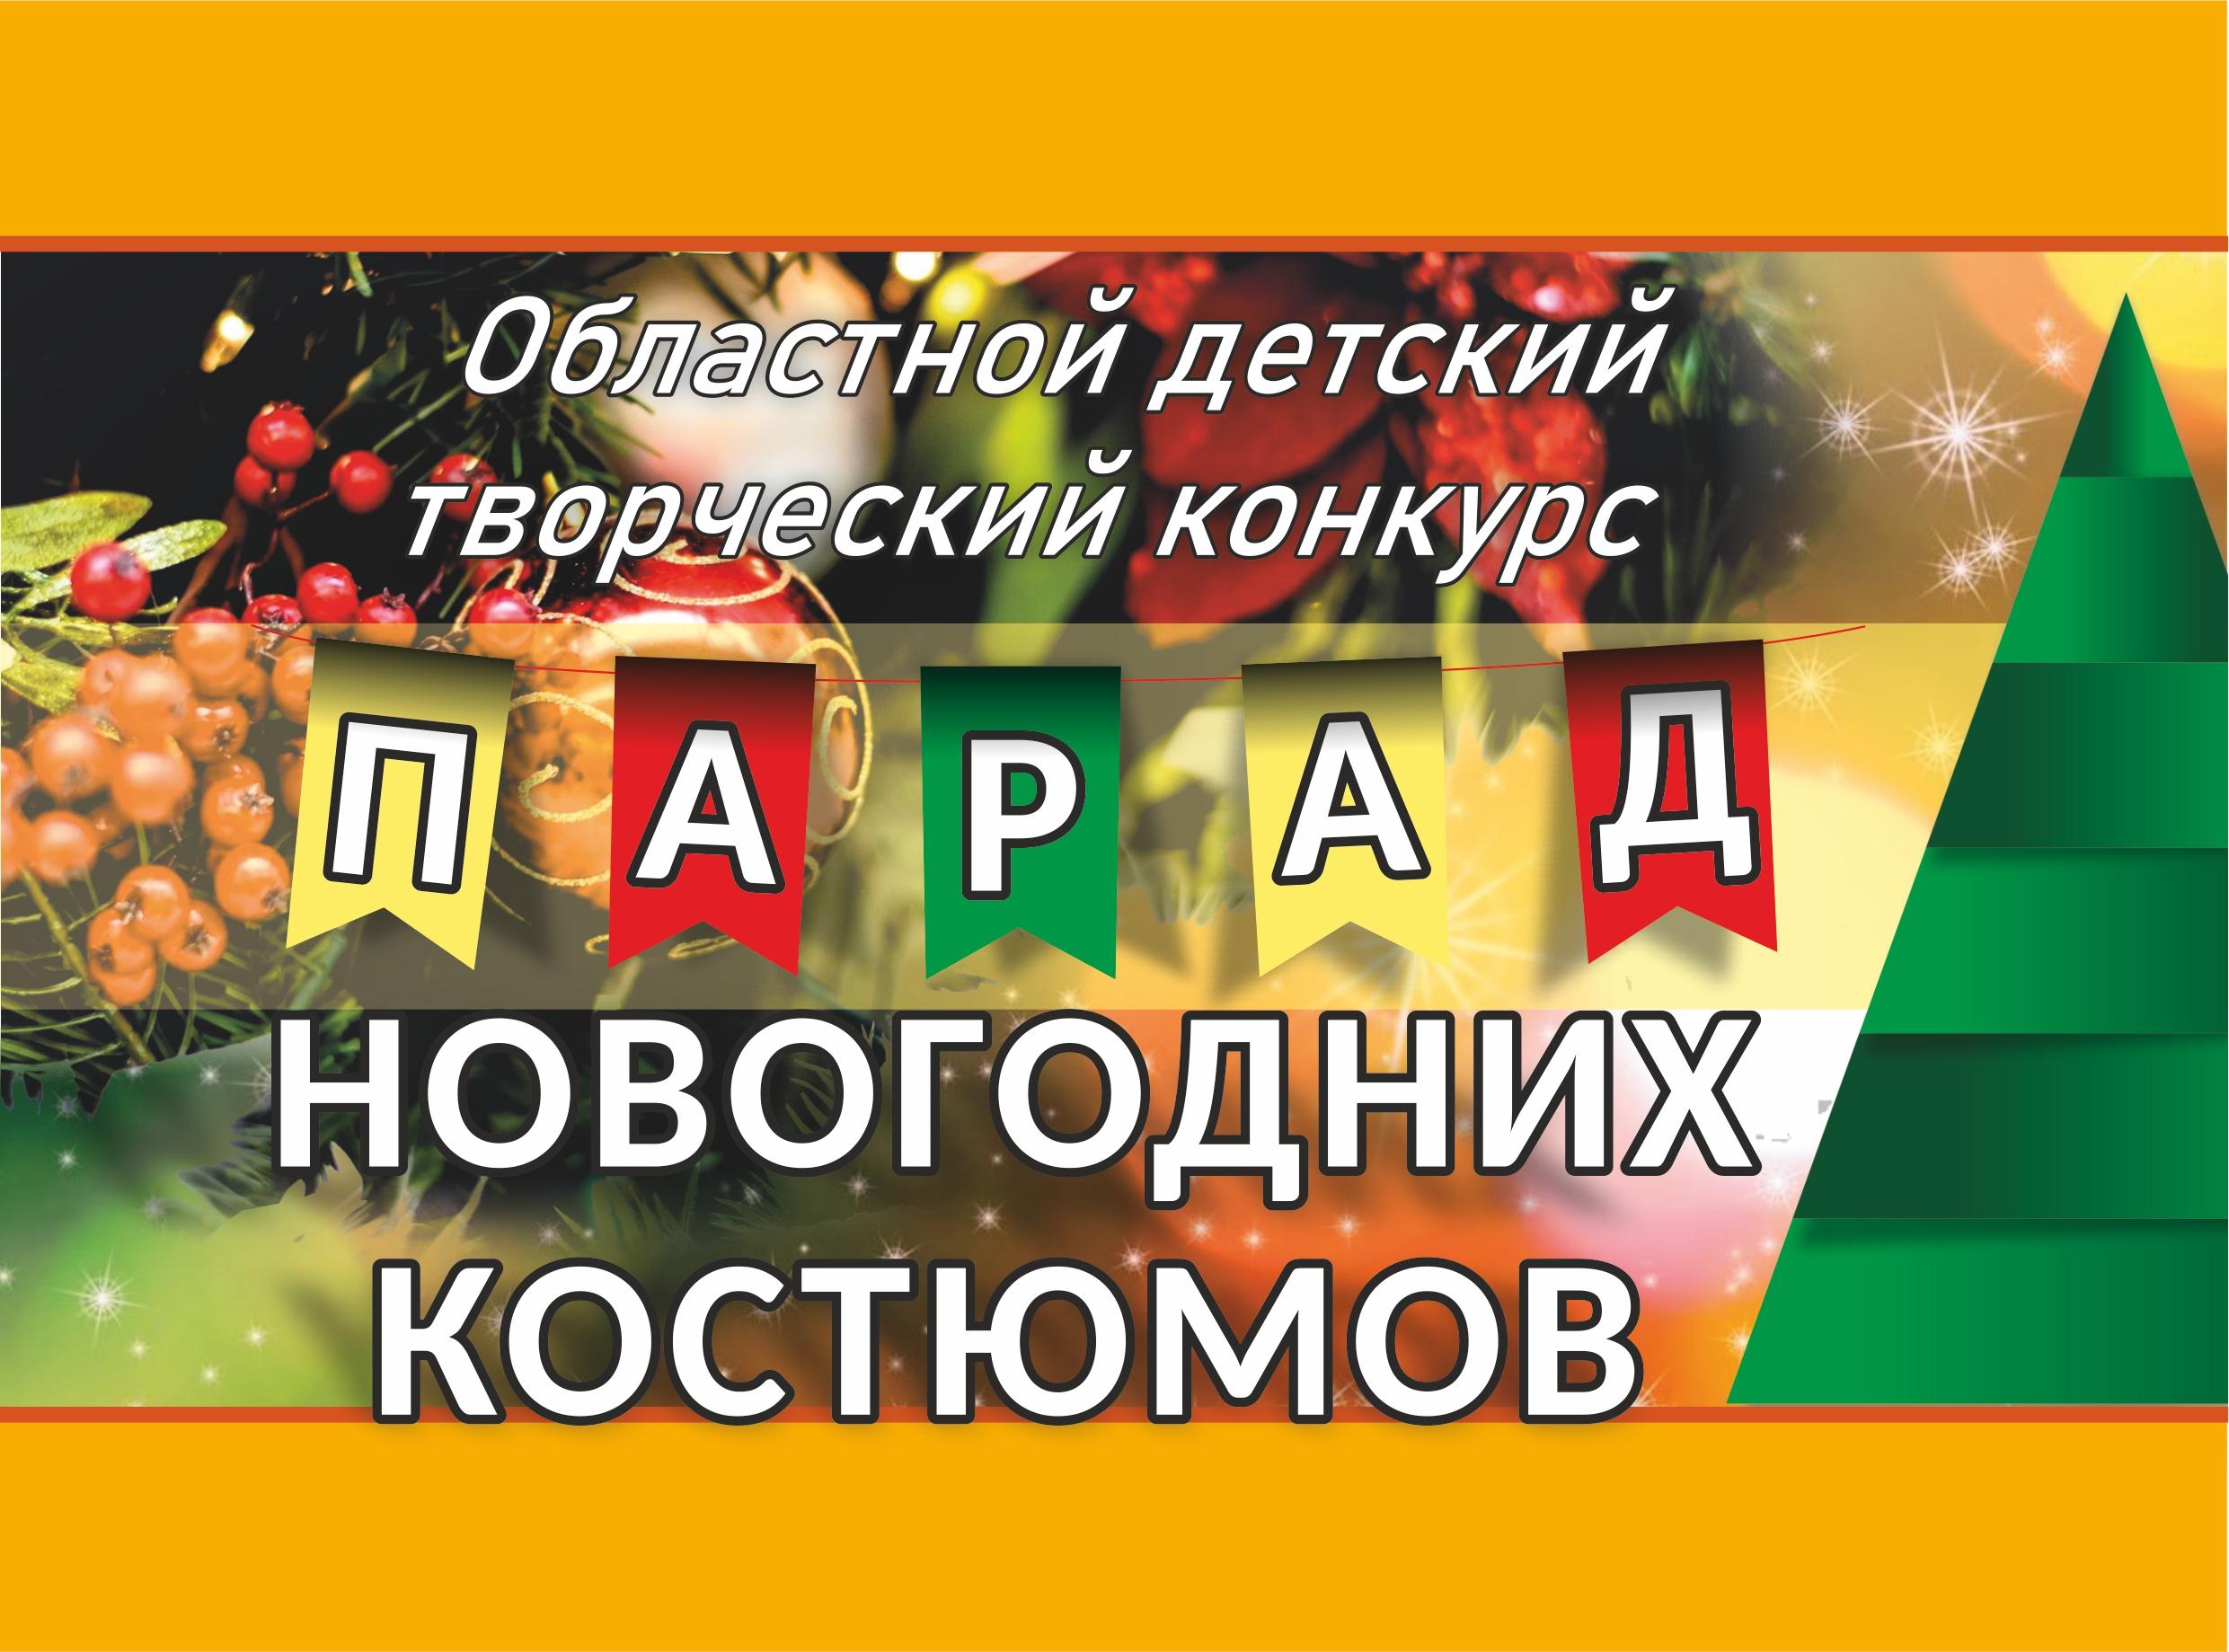 Подведены итоги творческого конкурса «Парад новогодних костюмов»